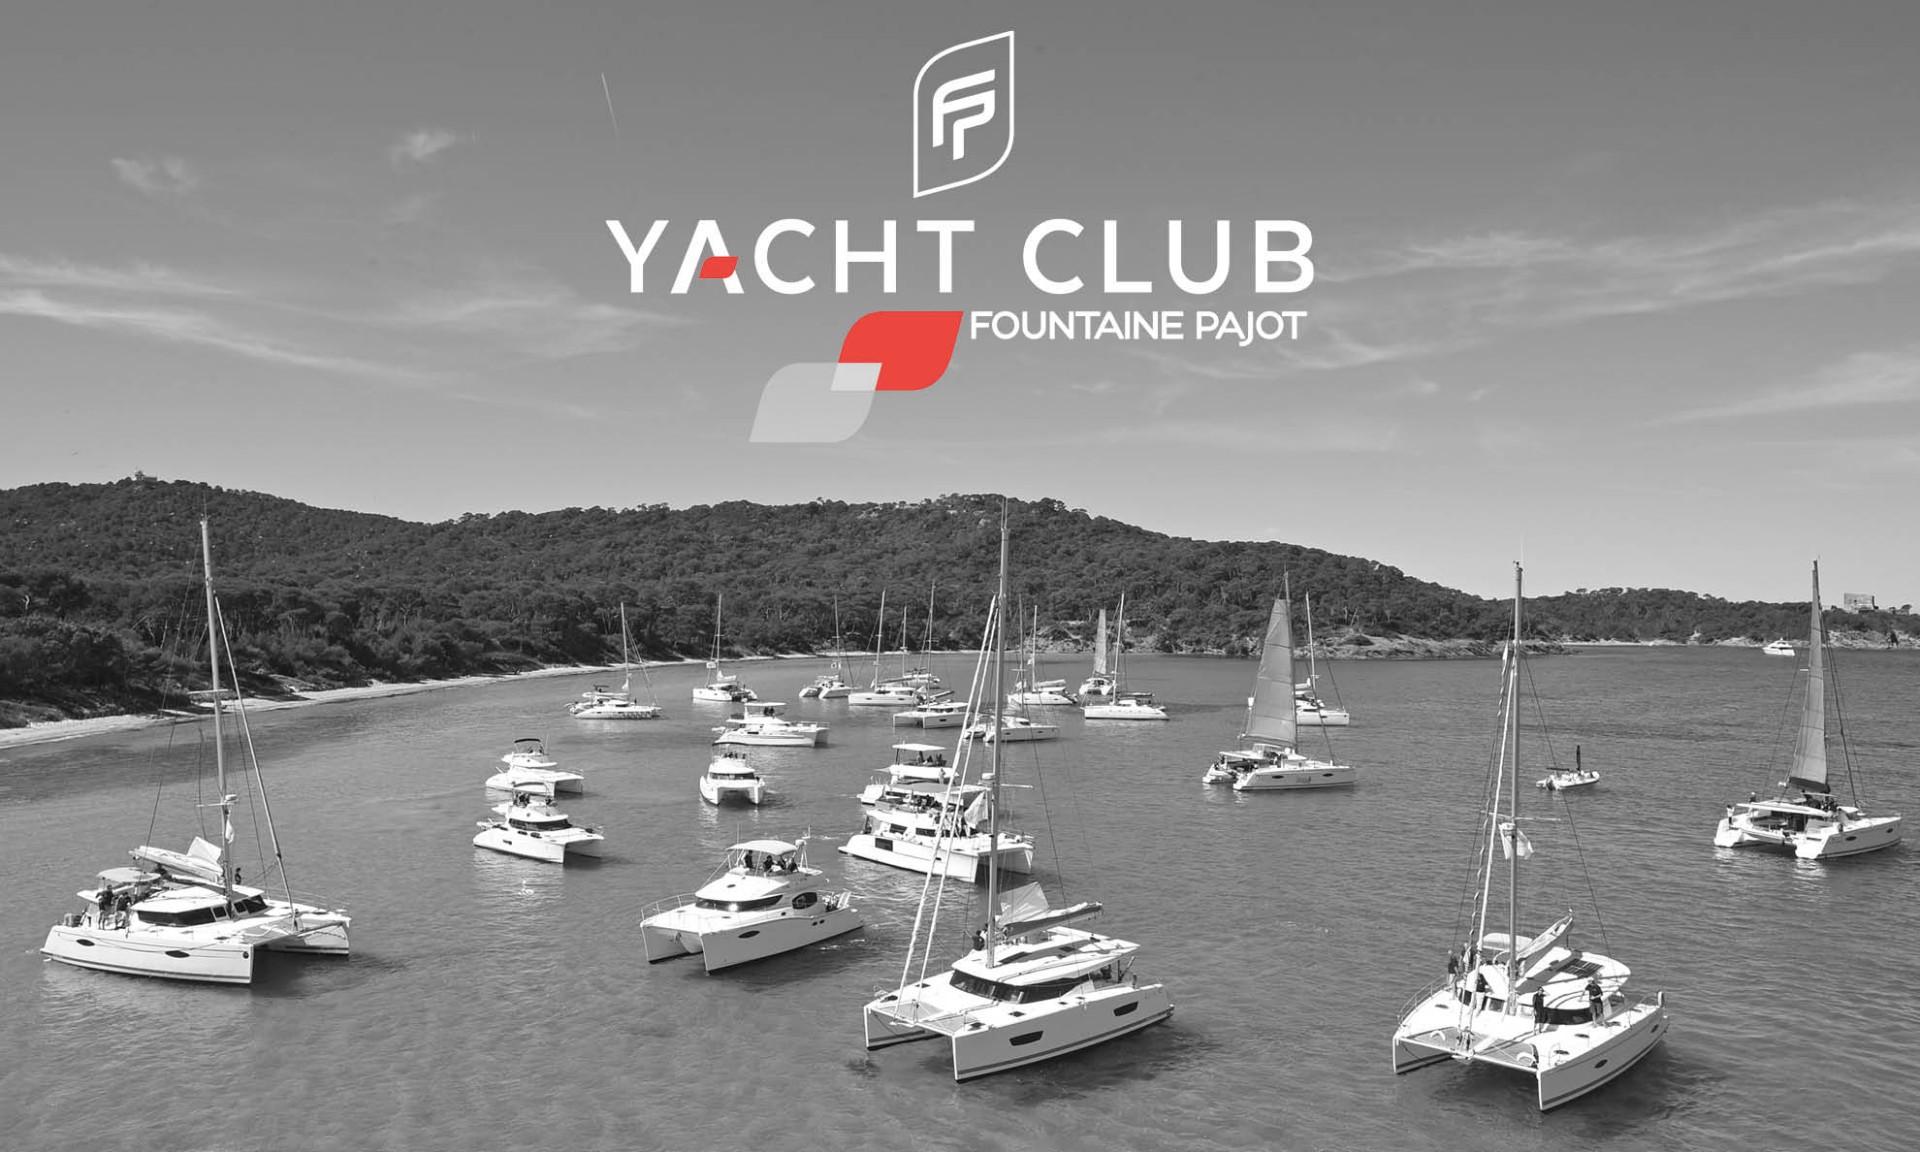 yacht club 2